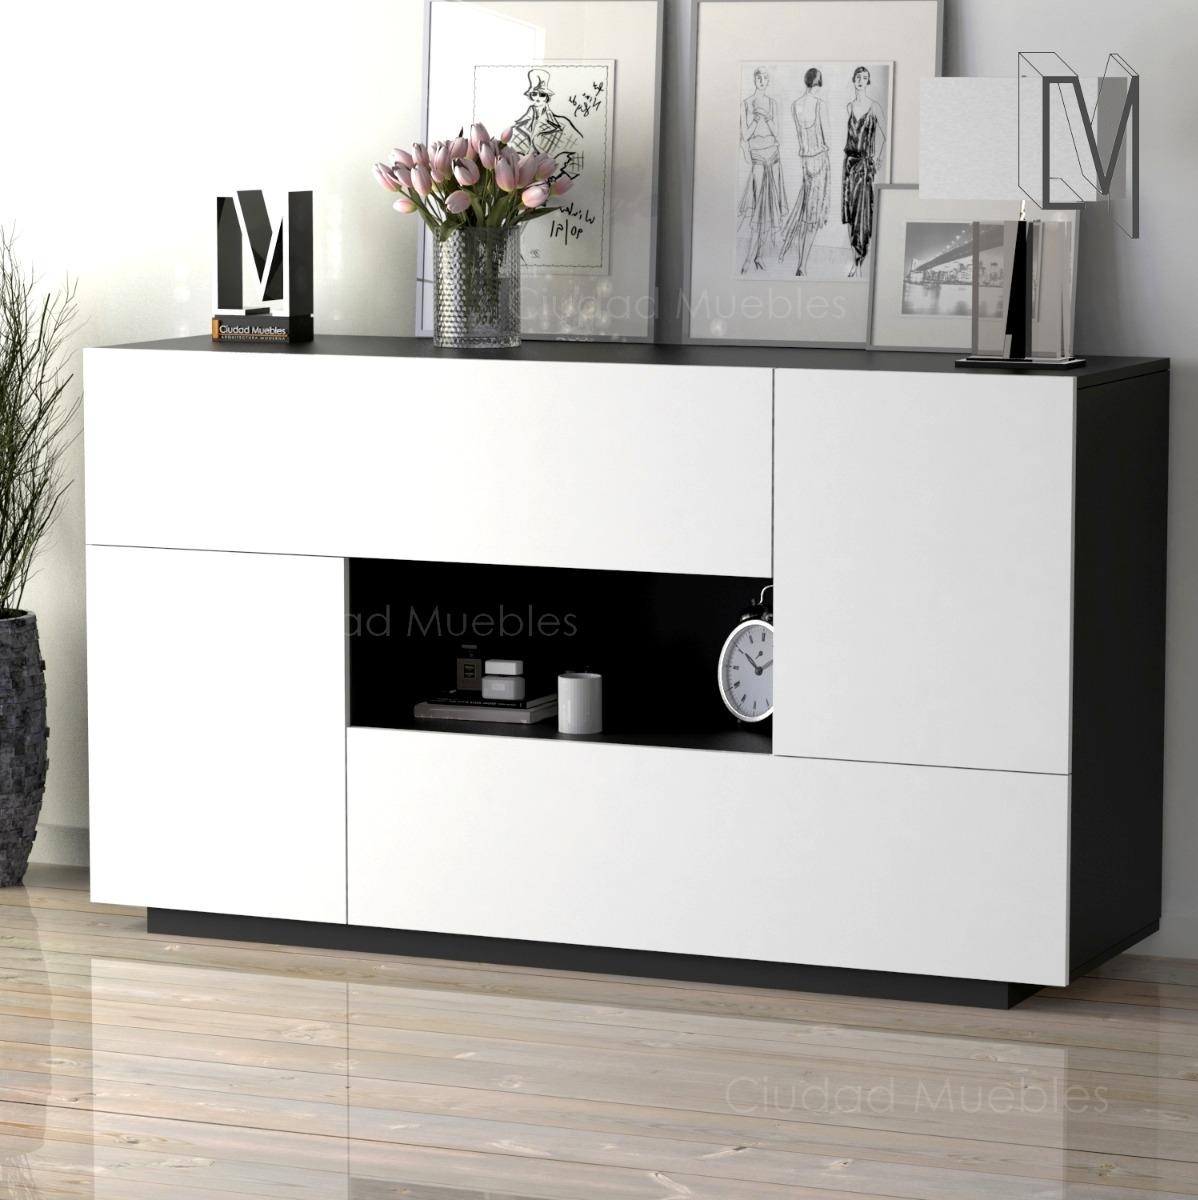 Mueble Aparador Vajillero Moderno Comedor 140cm De Largo - $ 6.680 ...